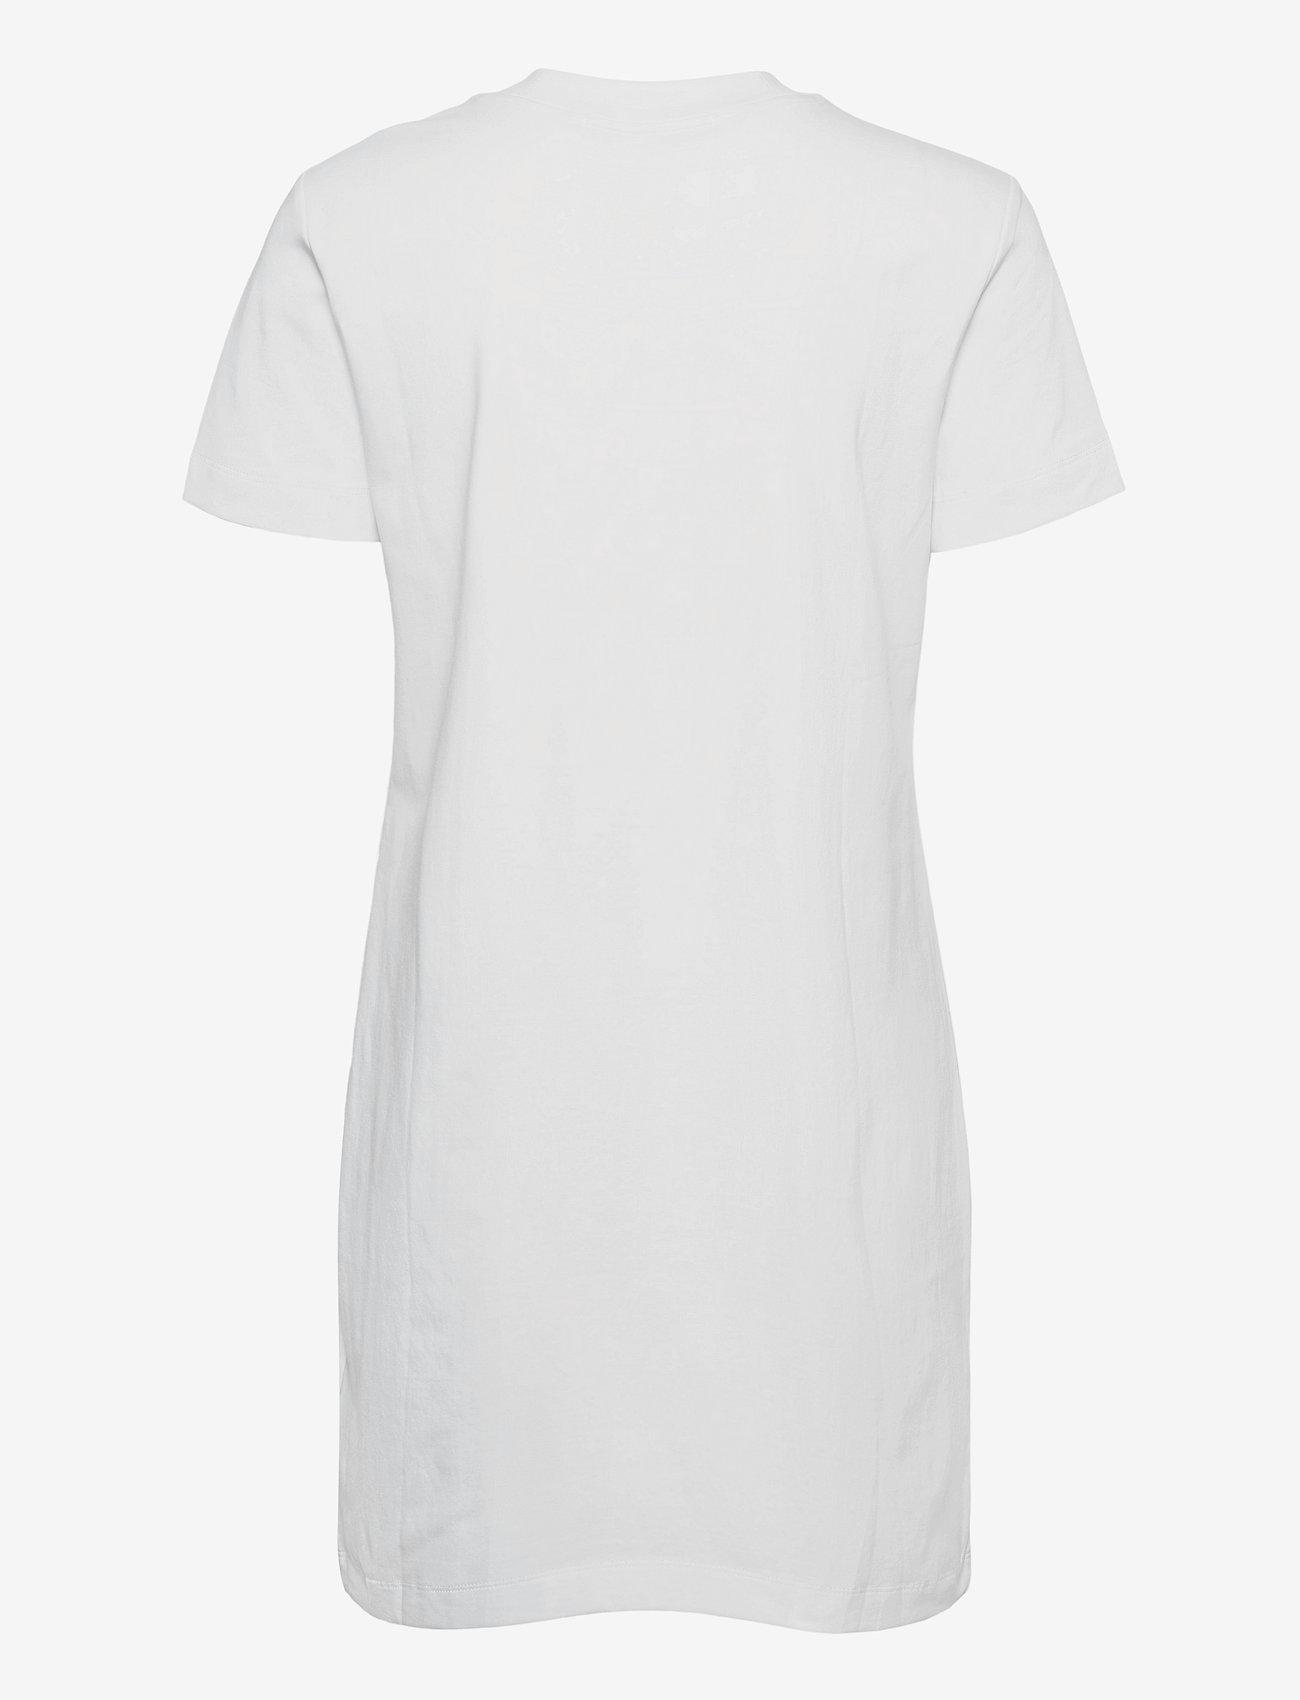 Calvin Klein Jeans - MICRO BRANDING T-SHIRT DRESS - sommerkjoler - bright white - 1